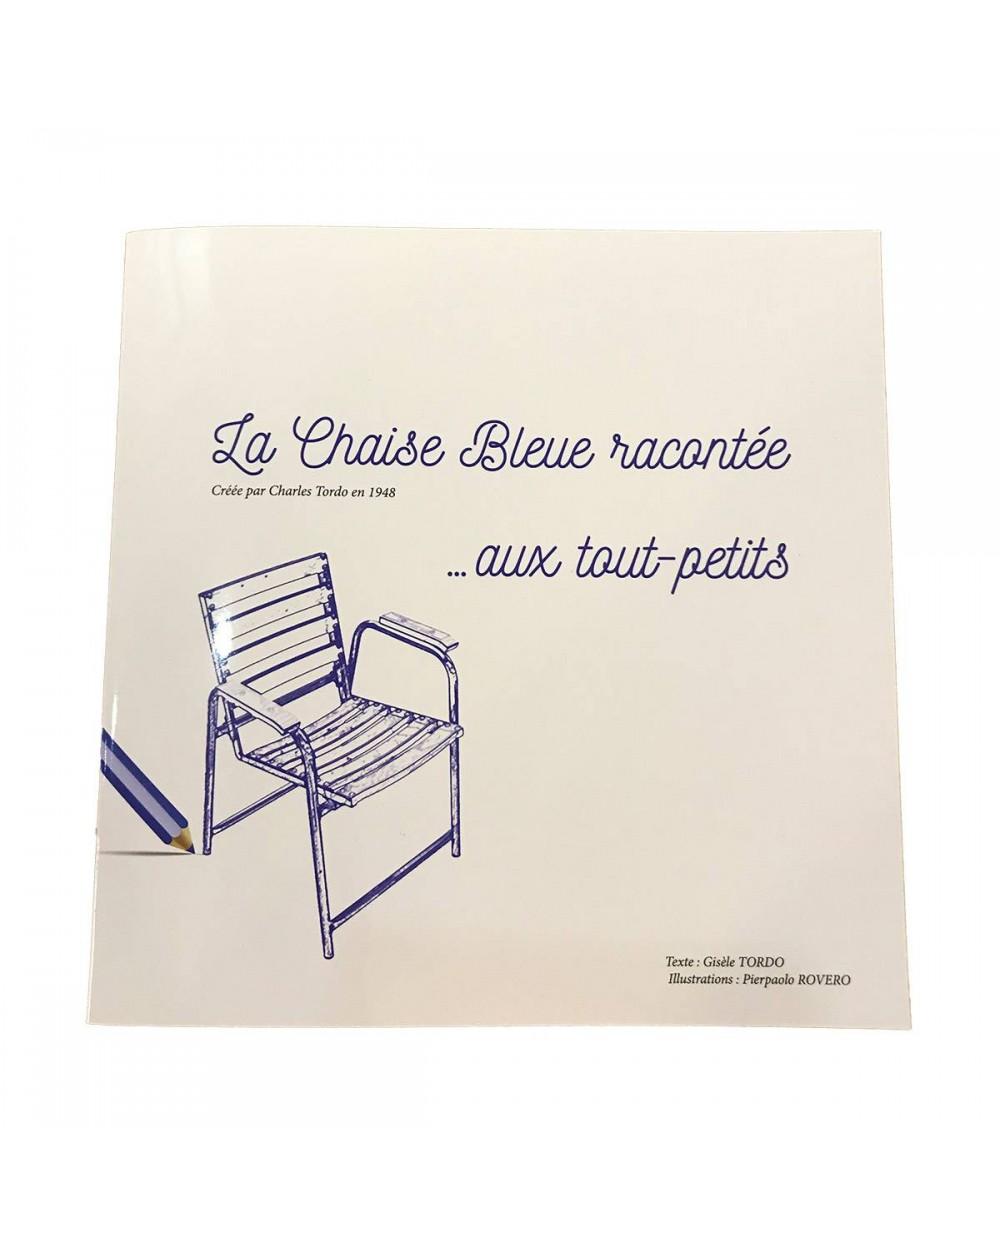 La Chaise Bleue racontée aux Tout-Petits